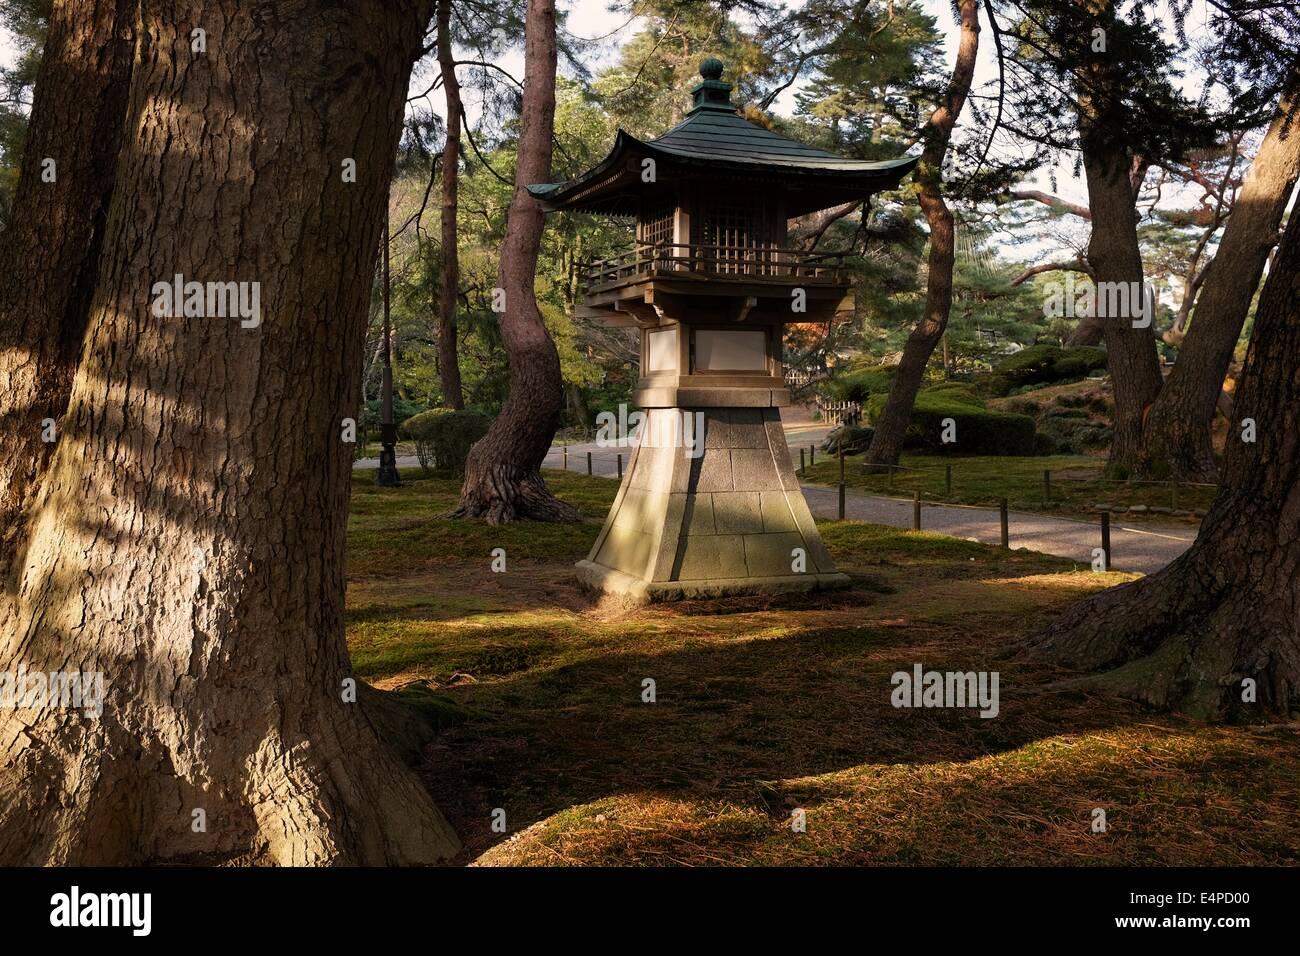 Lantern at Kenroku-en Garden in Kanazawa, Japan - Stock Image